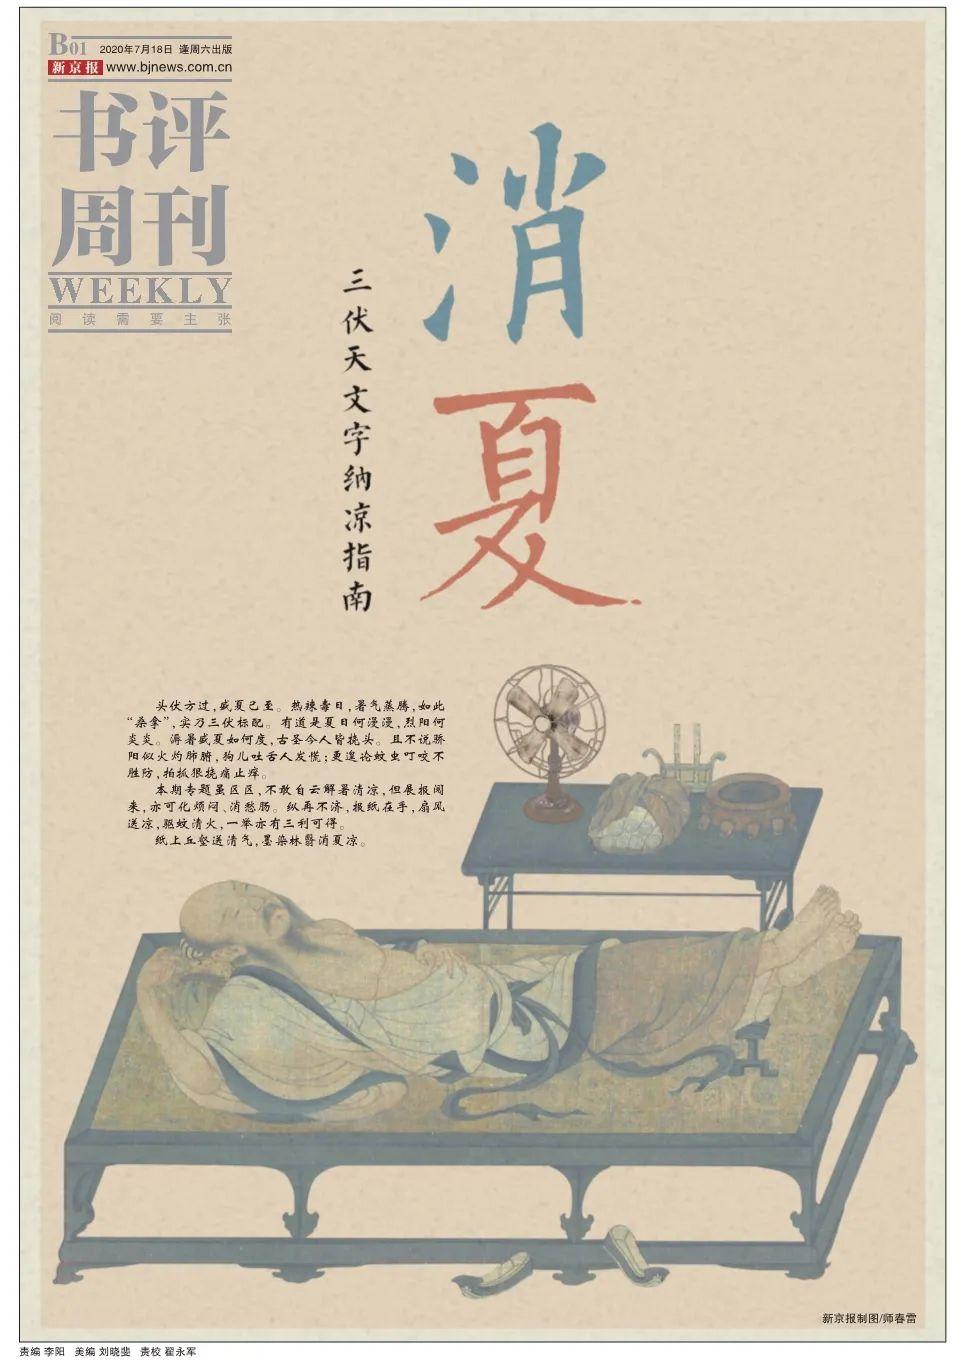 《新京报·书评周刊》B01~B07版专题《消夏——三伏天文字纳凉指南》